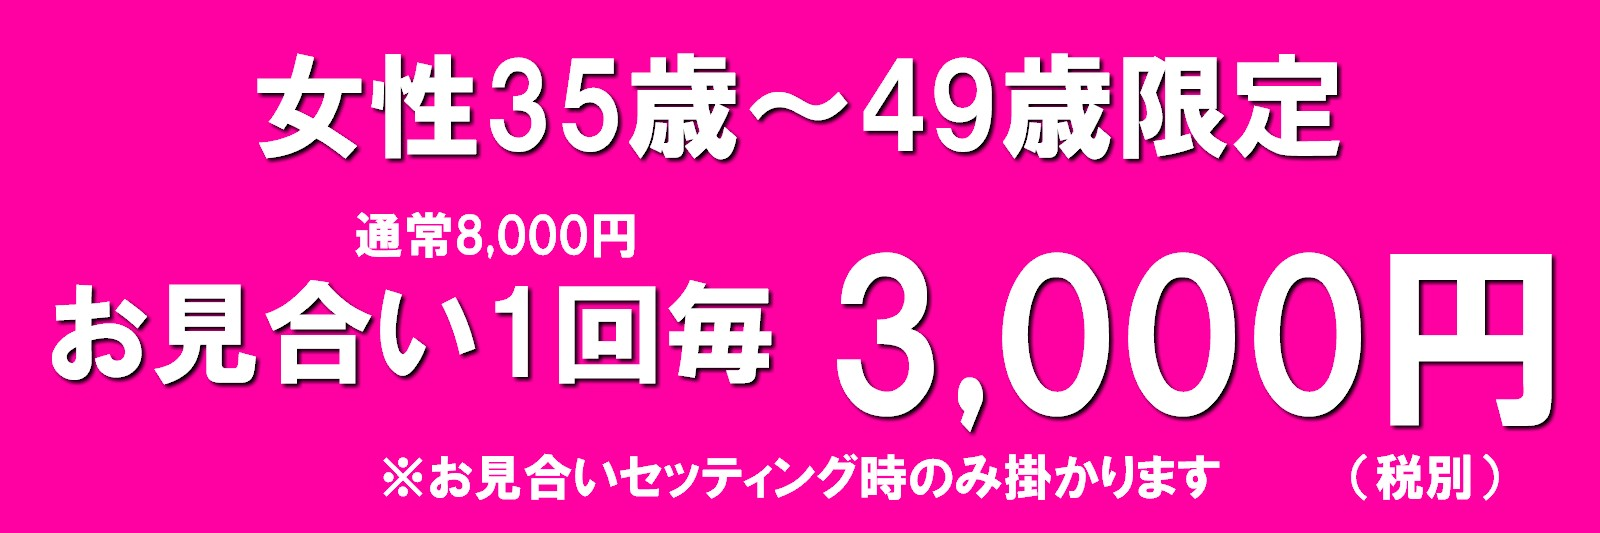 東京で婚活するなら成功報酬型婚活|女性35歳~49歳限定クーポン・お見合い1回【3,000円】